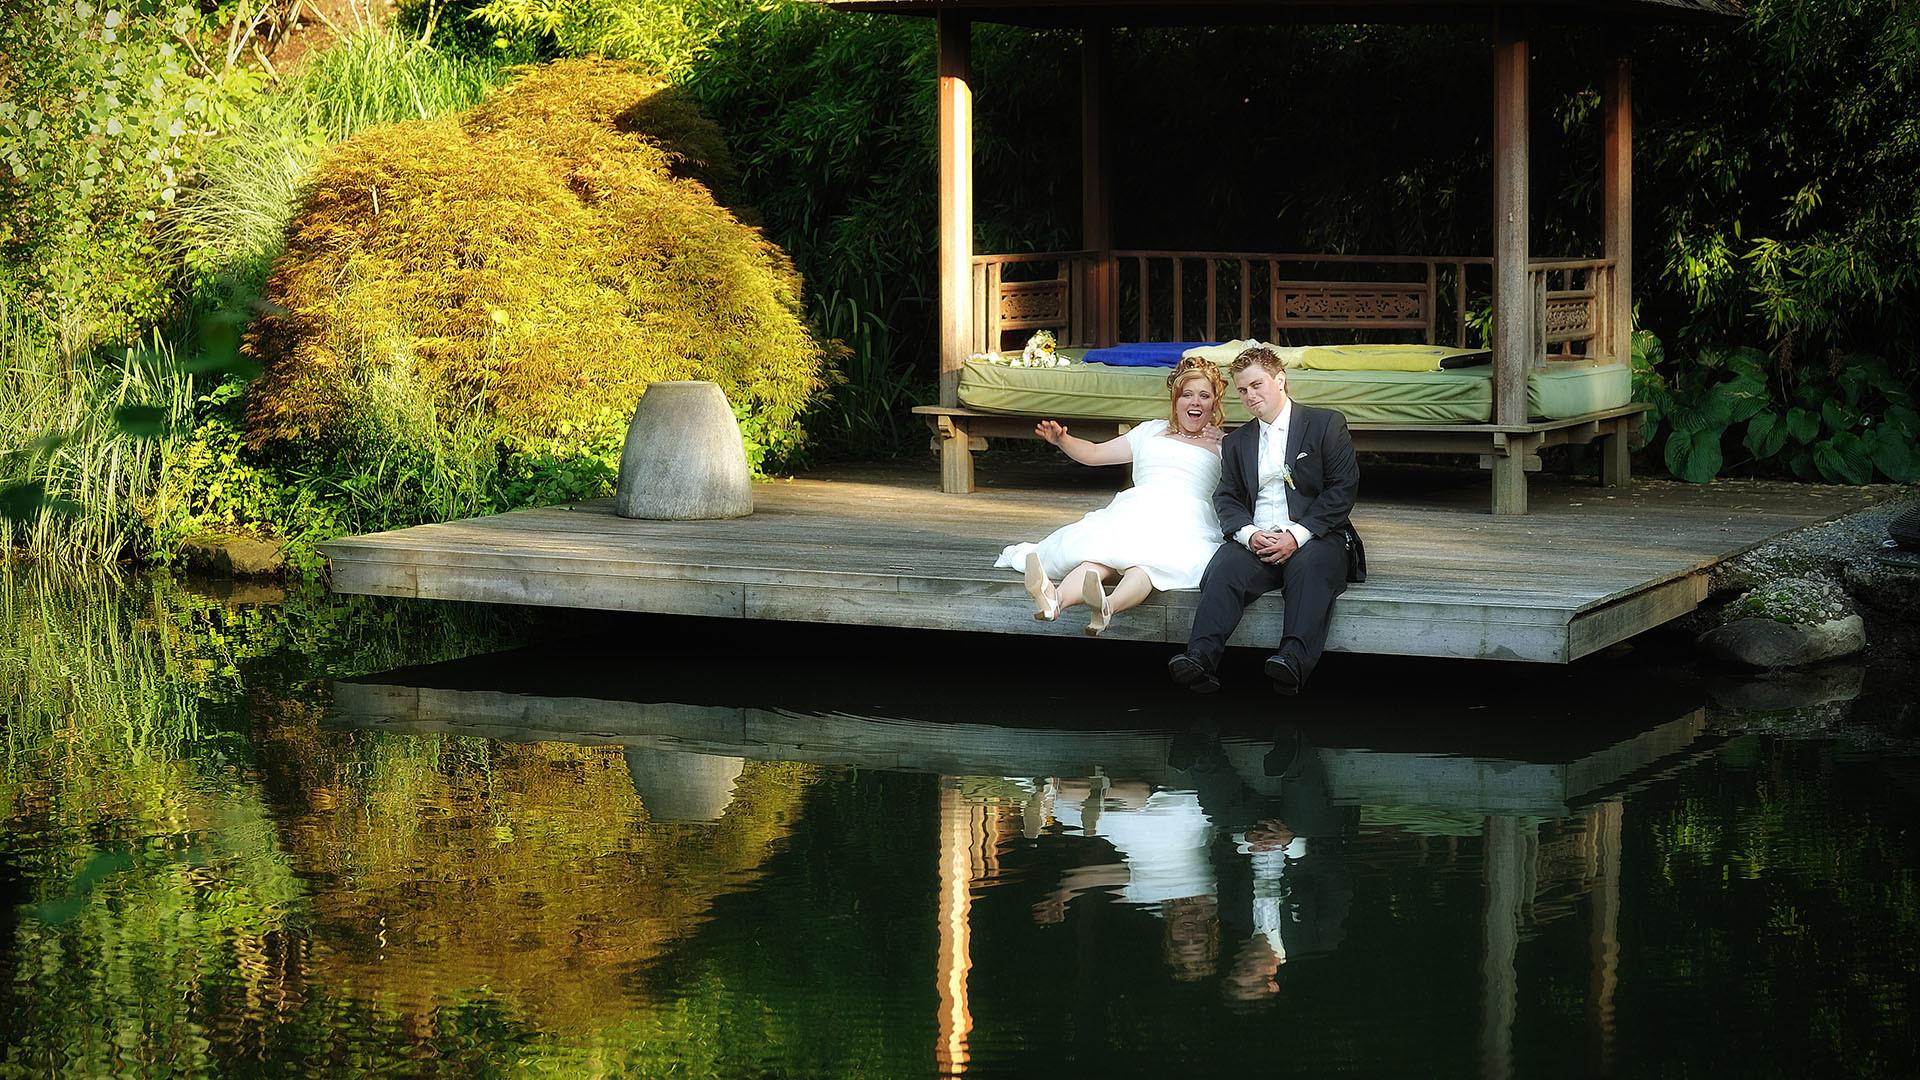 Hochzeitsfotograf mit Brautpaar am Teich